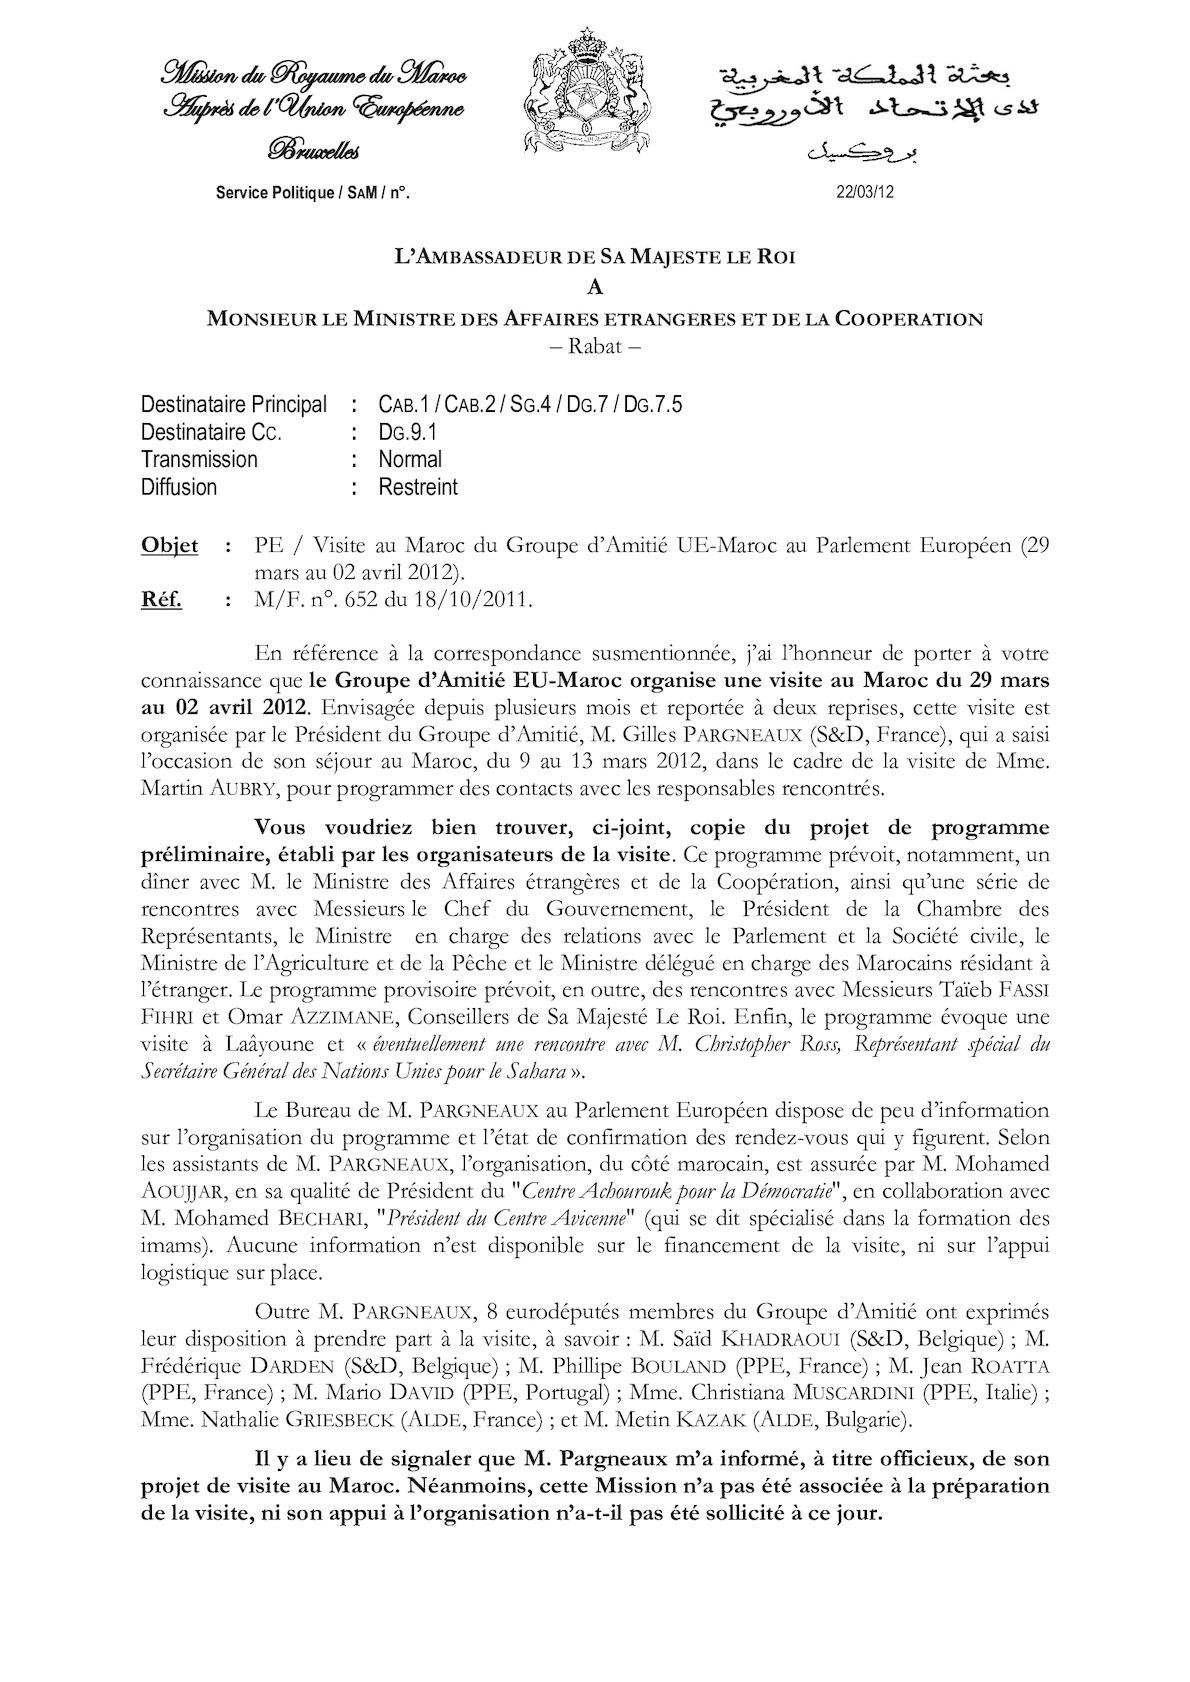 Visite Au Maroc Du Groupe D'amitié Ue Maroc Au Parlement Européen 29 Mars Au 02 Avril 2012